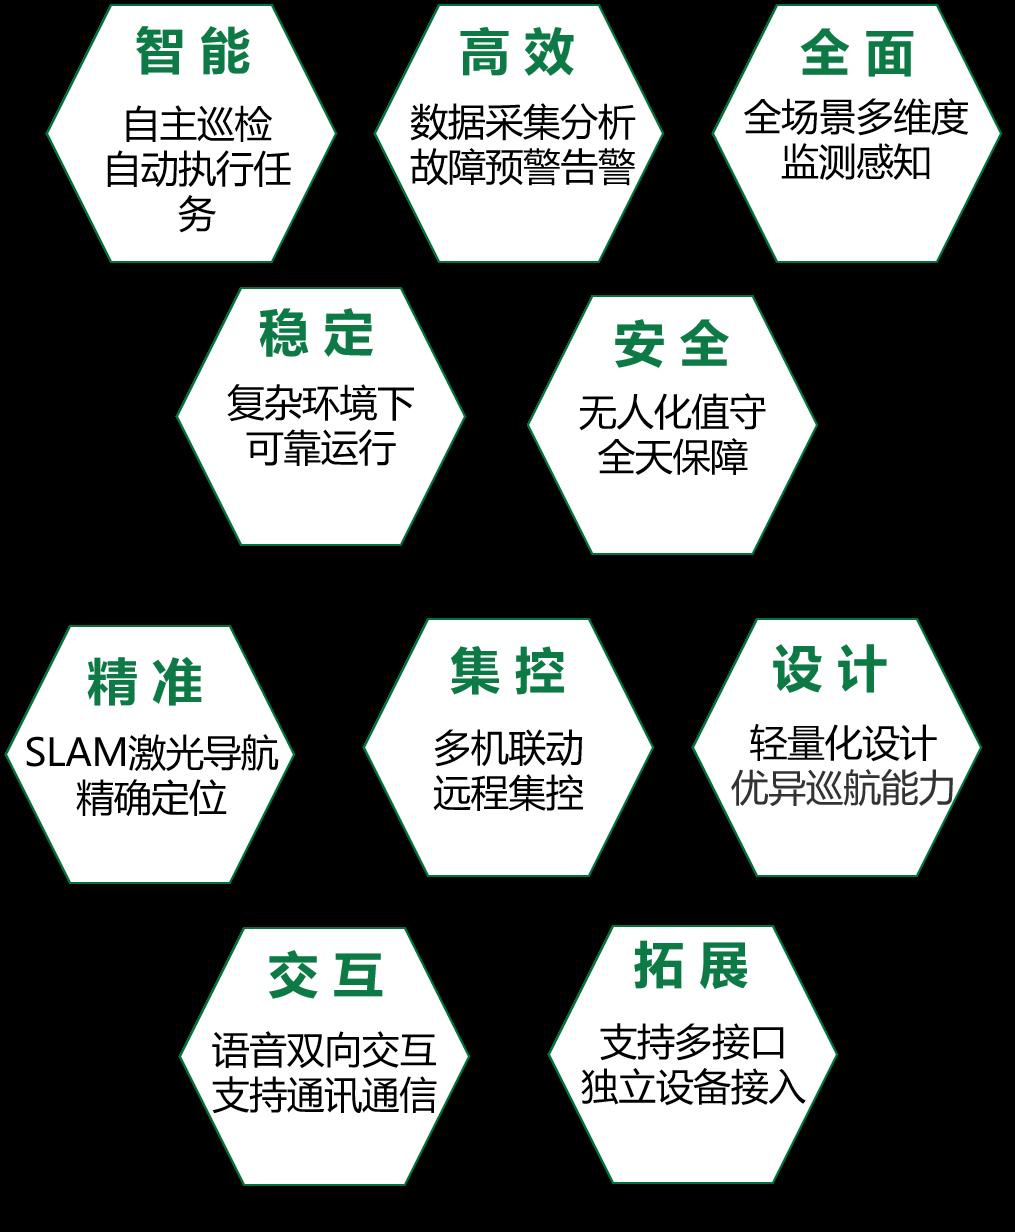 """天创机器人成功服务电力体系""""新五大三小两网"""" 商业资讯 第4张"""